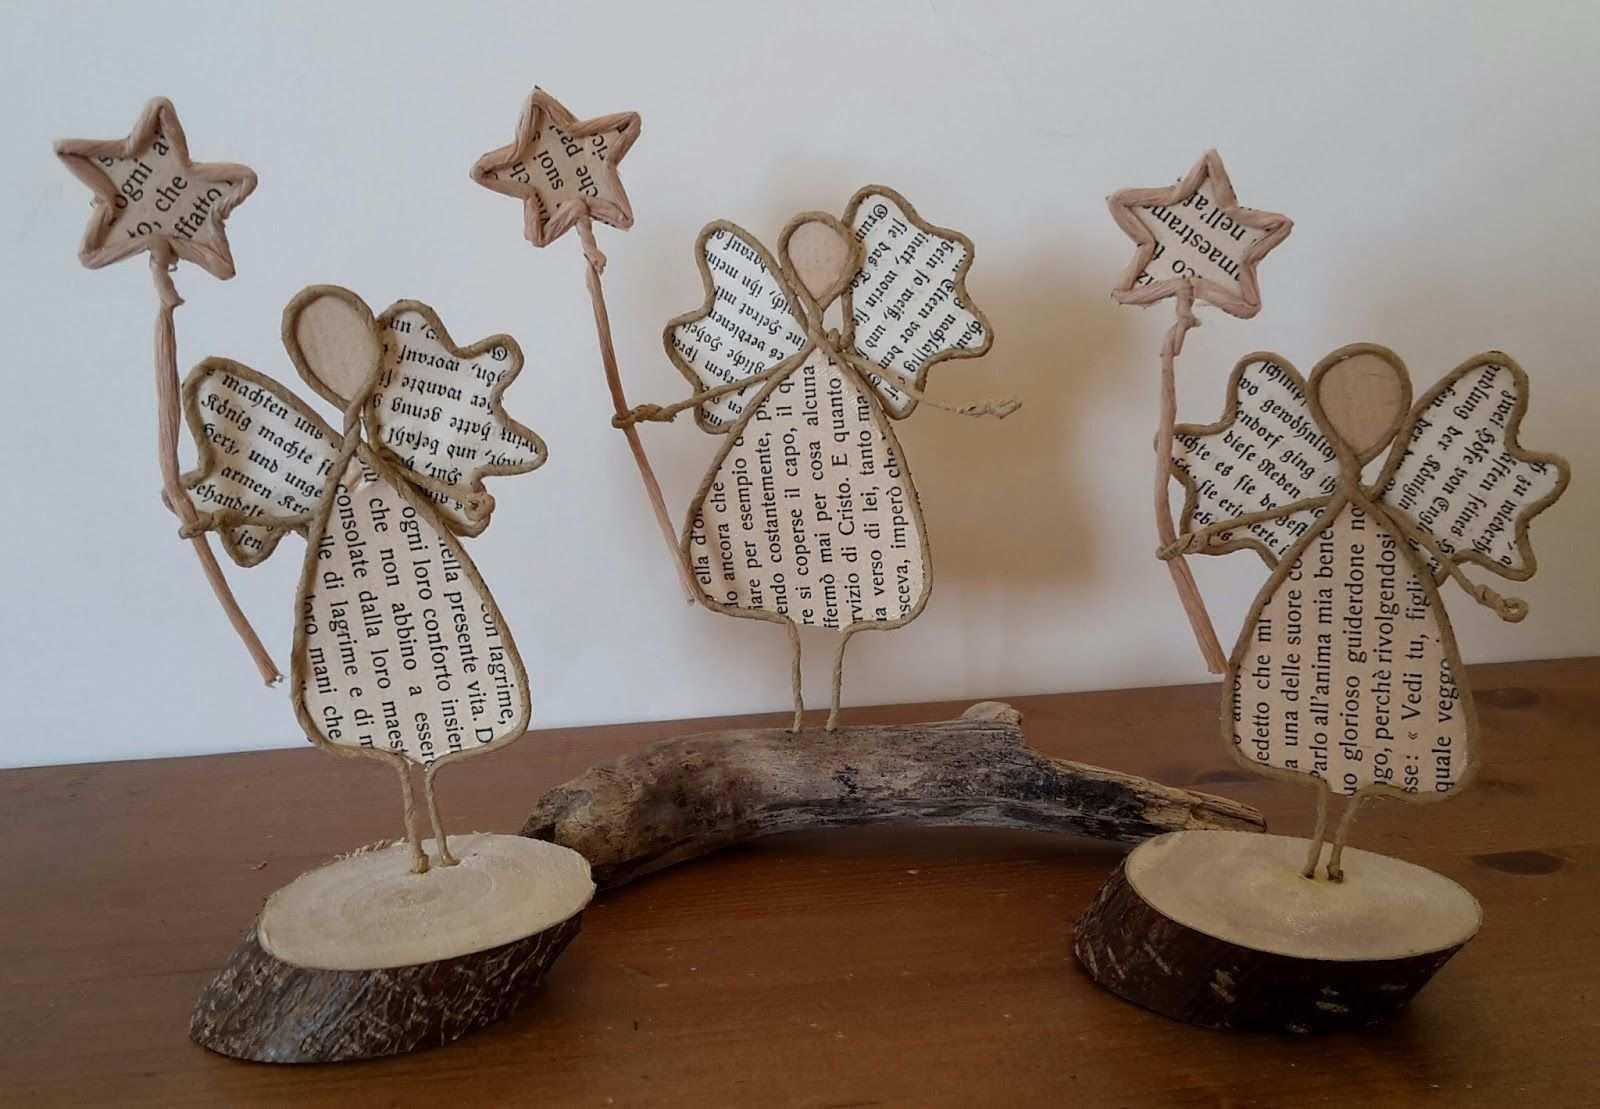 Die Heiligen Drei Konige 15cm X 40cm Schon Im Sommer Habe Ich Bei Meinen Standup Pad Basteln Weihnachten Draht Basteln Weihnachten Weihnachten Basteln Engel